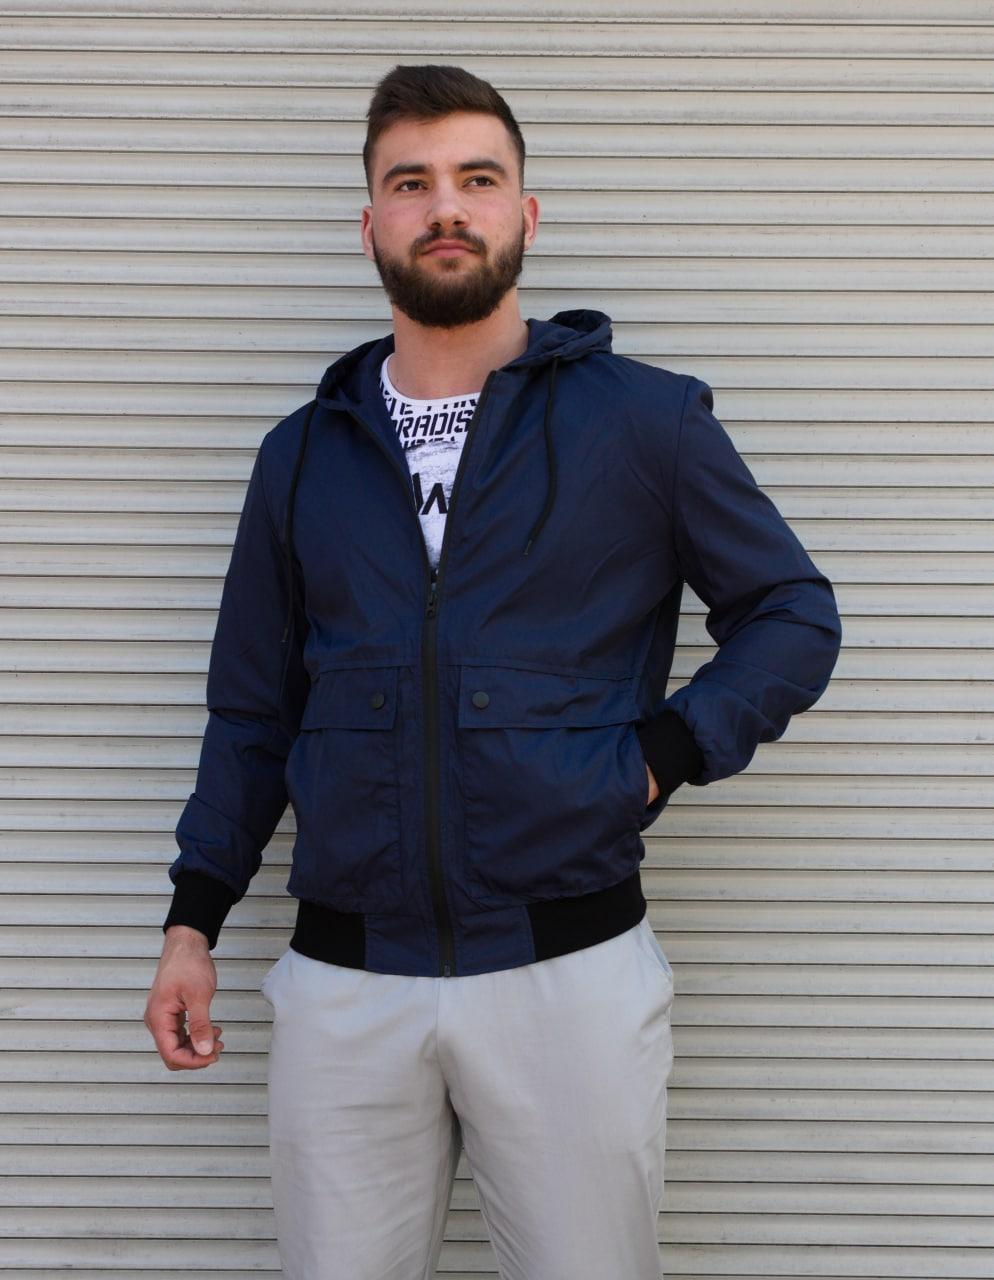 Темно-синя куртка чоловіча з капюшоном з щільної плащової тканини з накладними кишенями | Україна